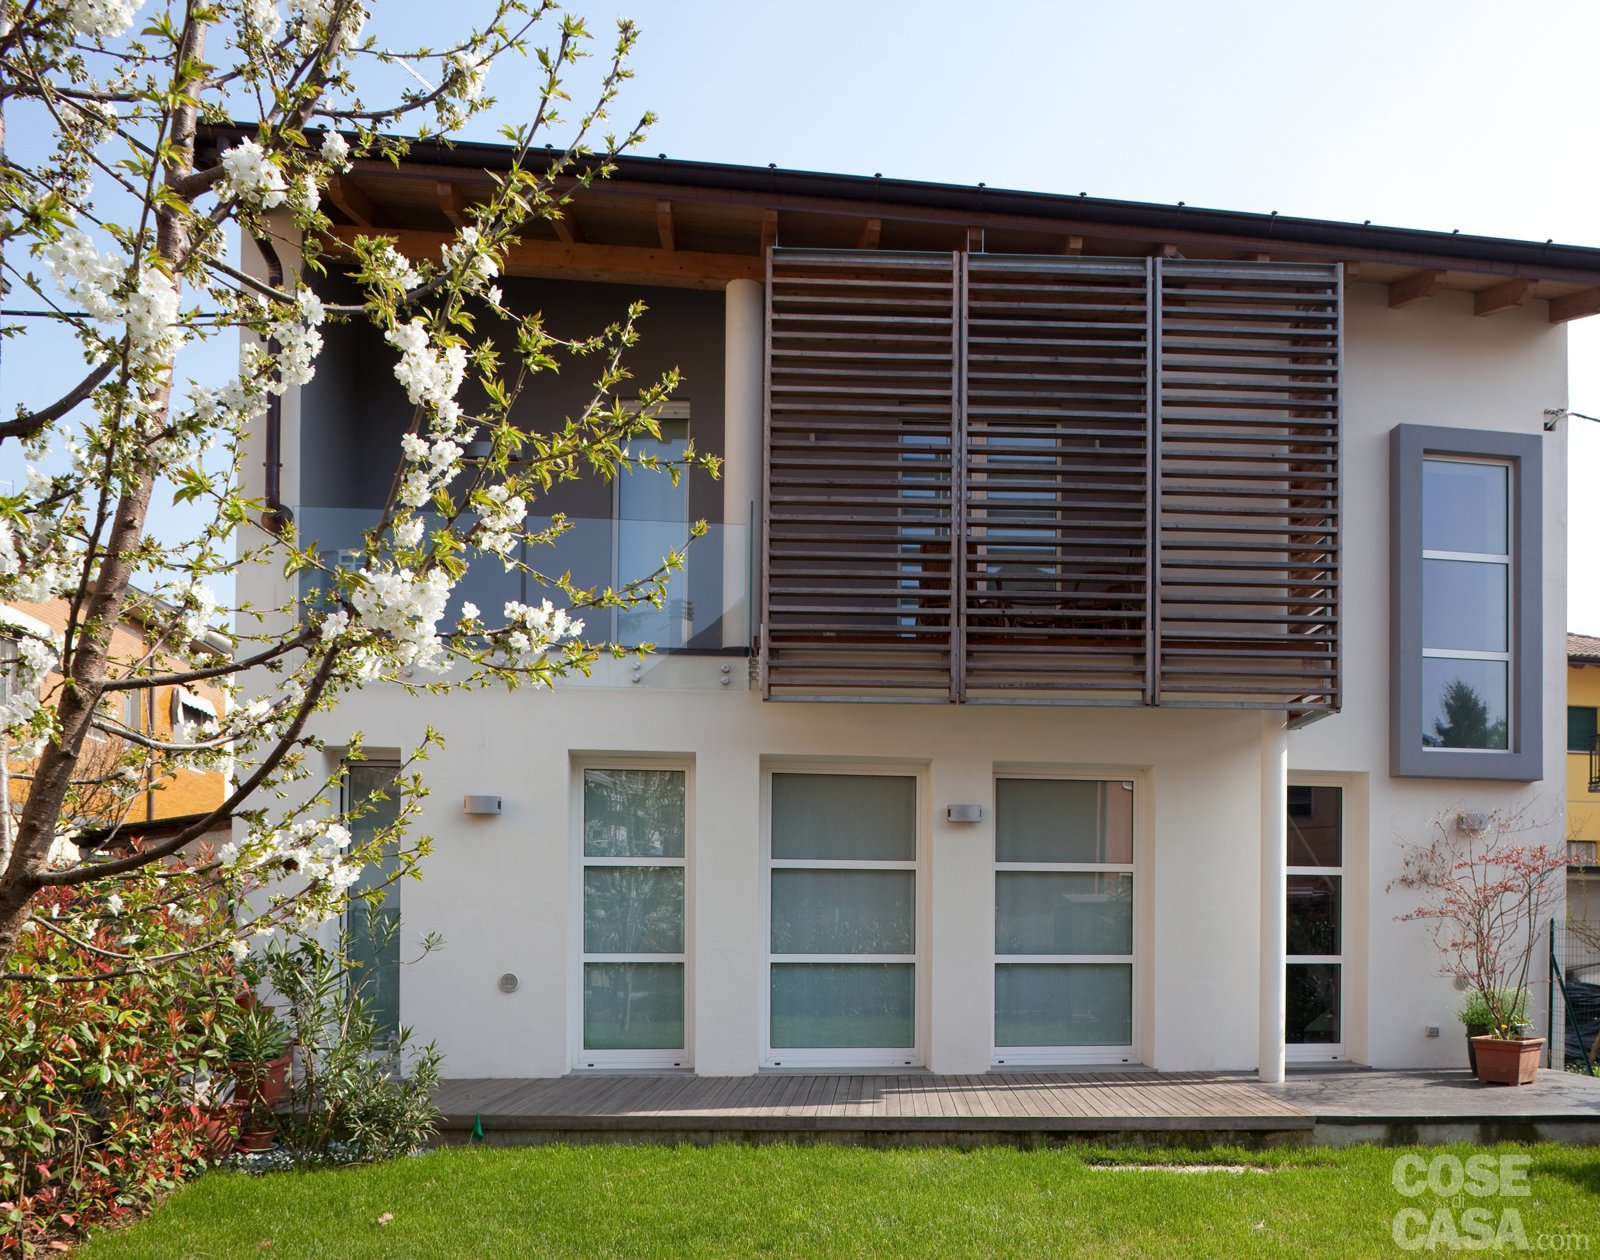 Una casa ristrutturata per il risparmio energetico cose di casa - Colori per esterno casa foto ...